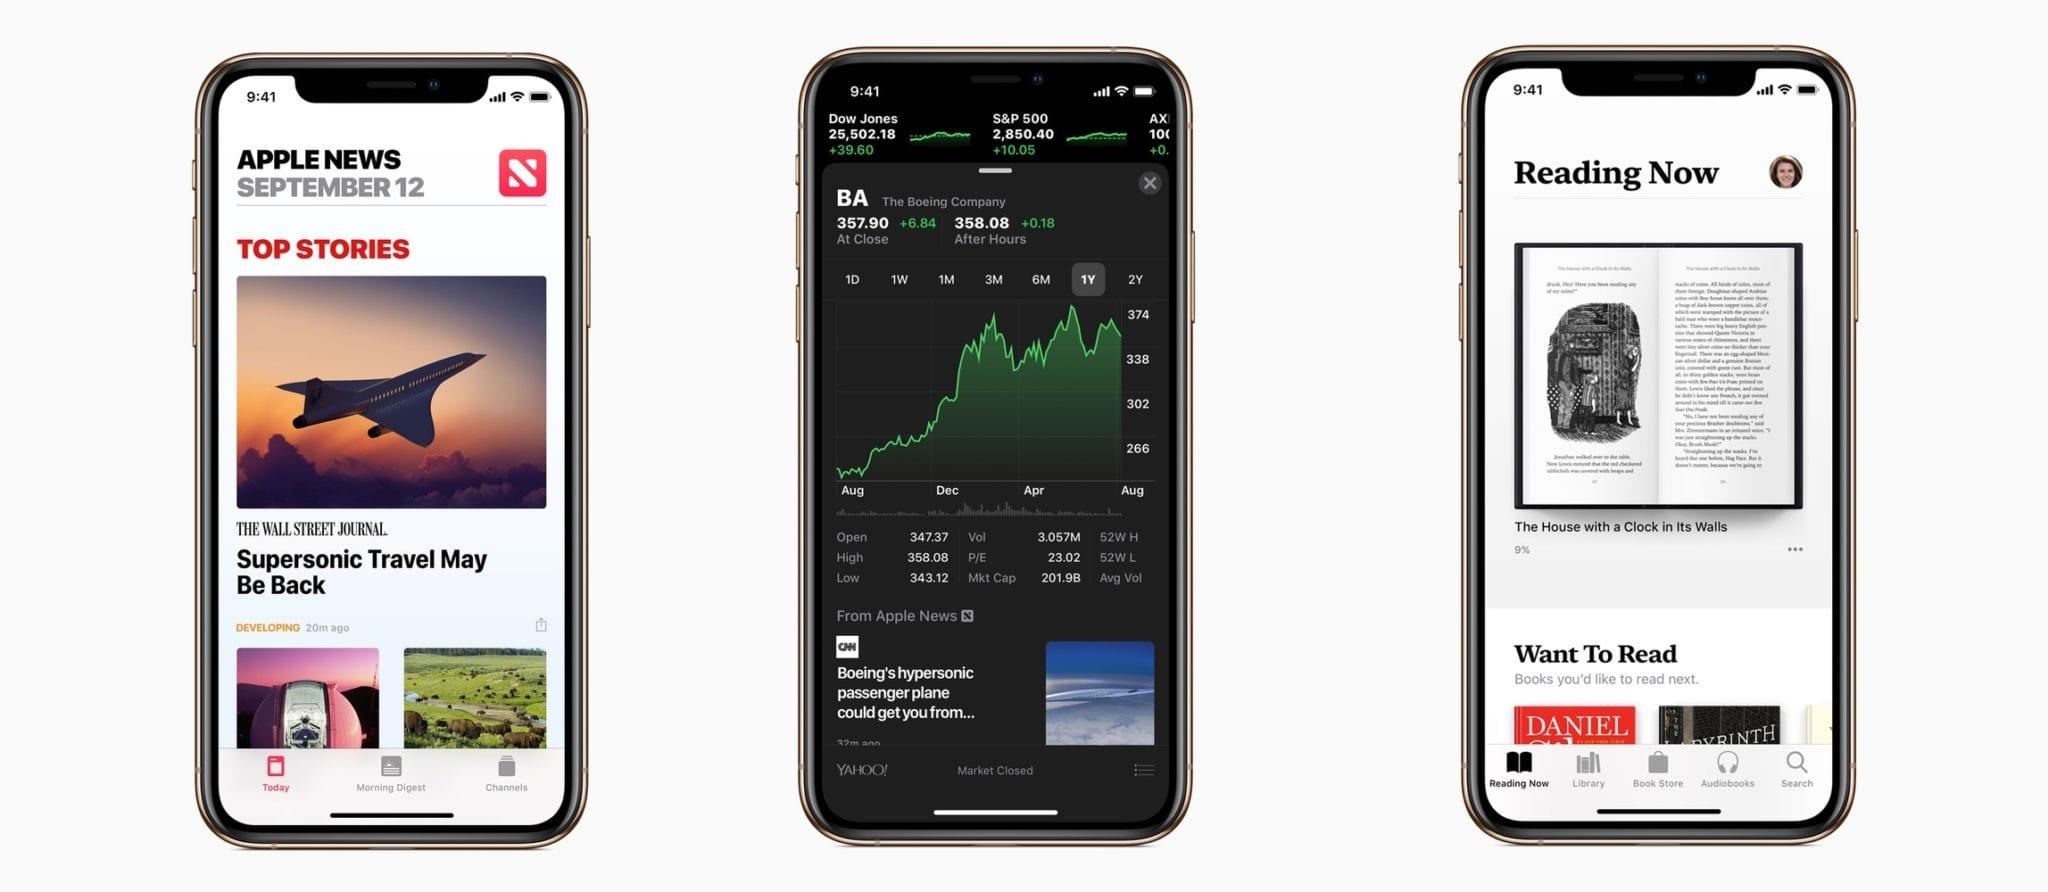 ios 12 new apps - Apple vydal iOS 12 s vylepšeniami výkonu, Memoji, Siri Shortcuts a ďalšími novinkami